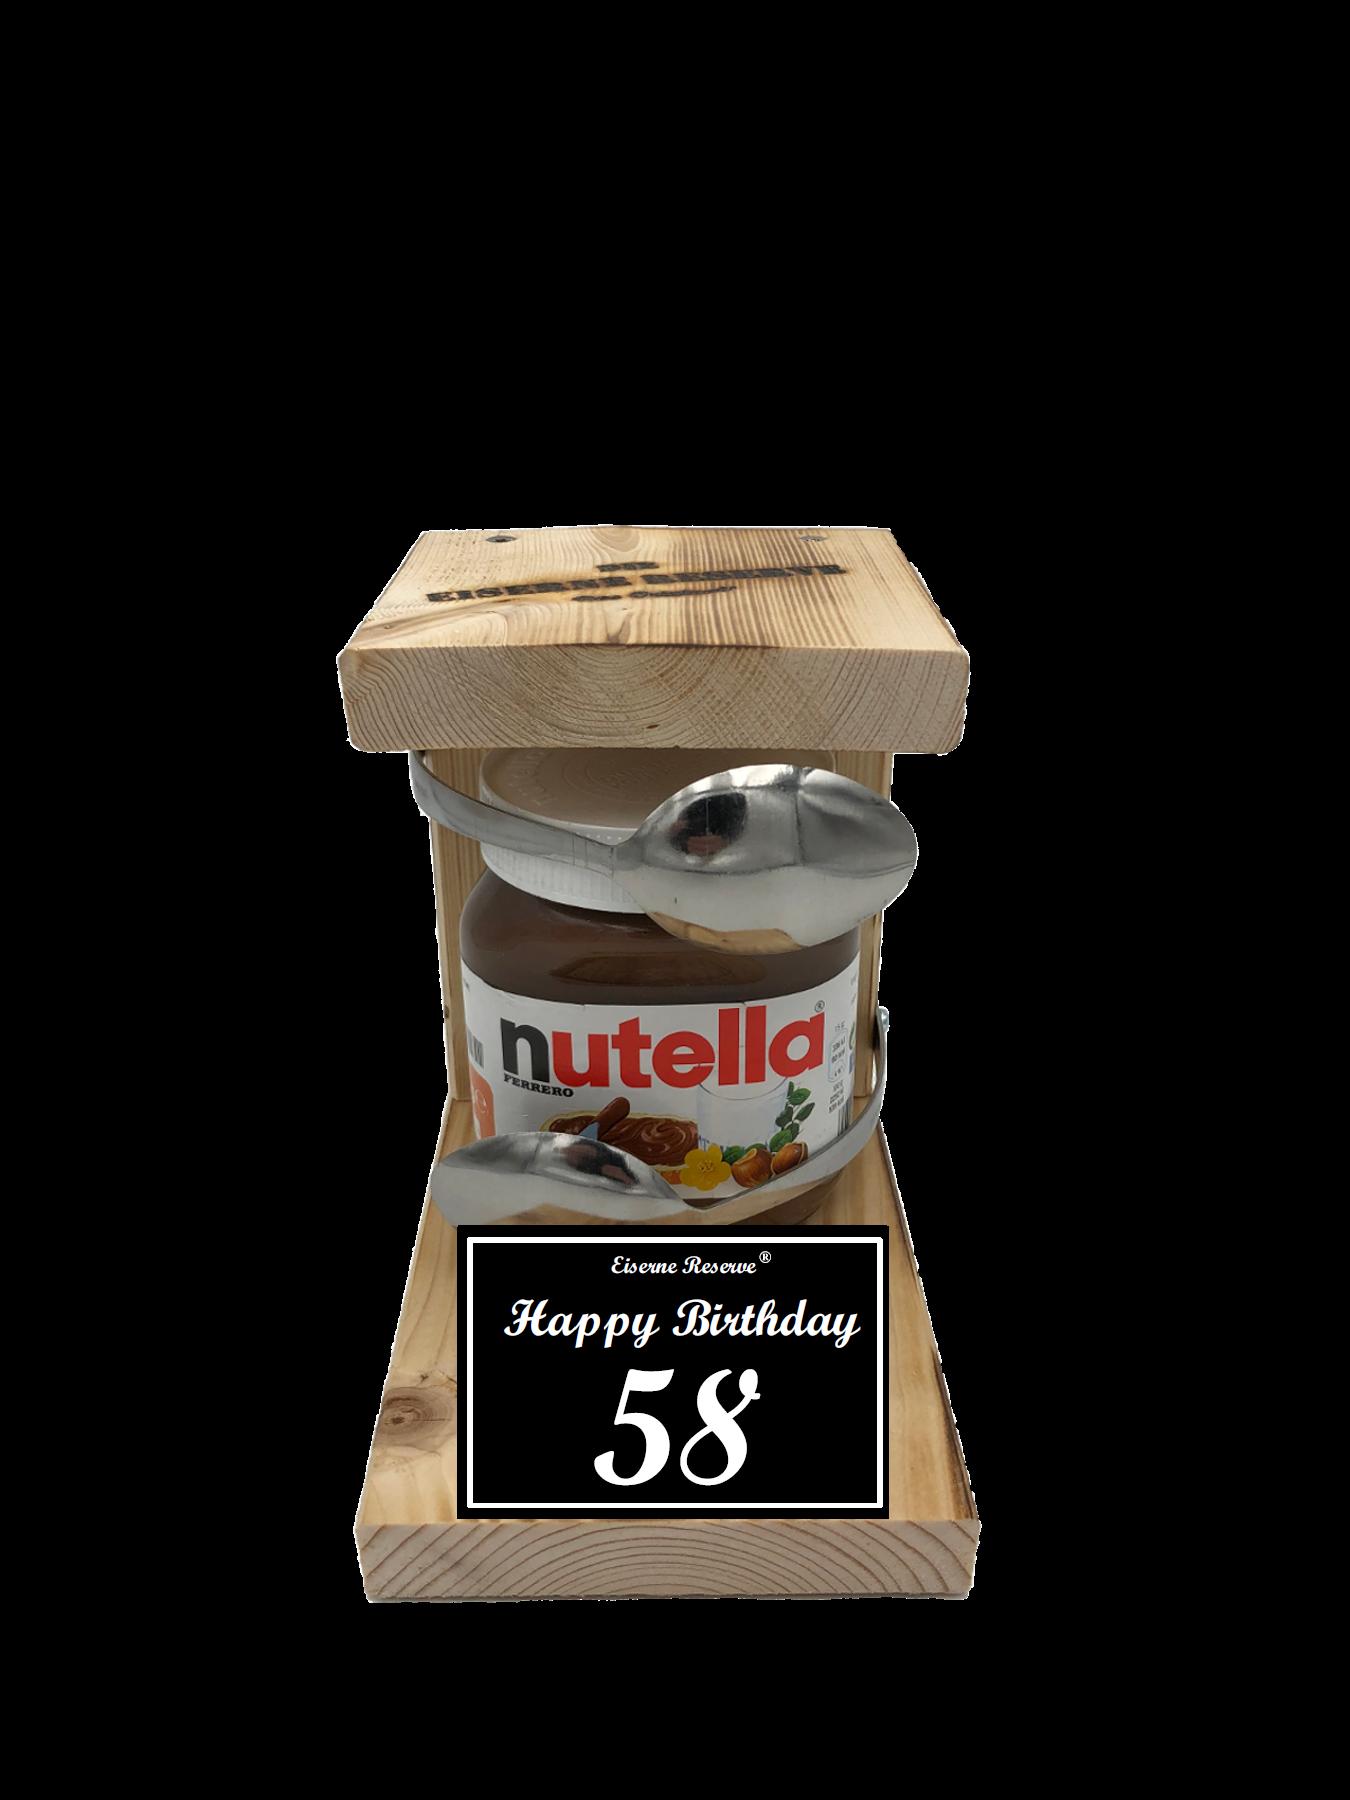 58 Happy Birthday Löffel Nutella Geschenk - Die Nutella Geschenkidee